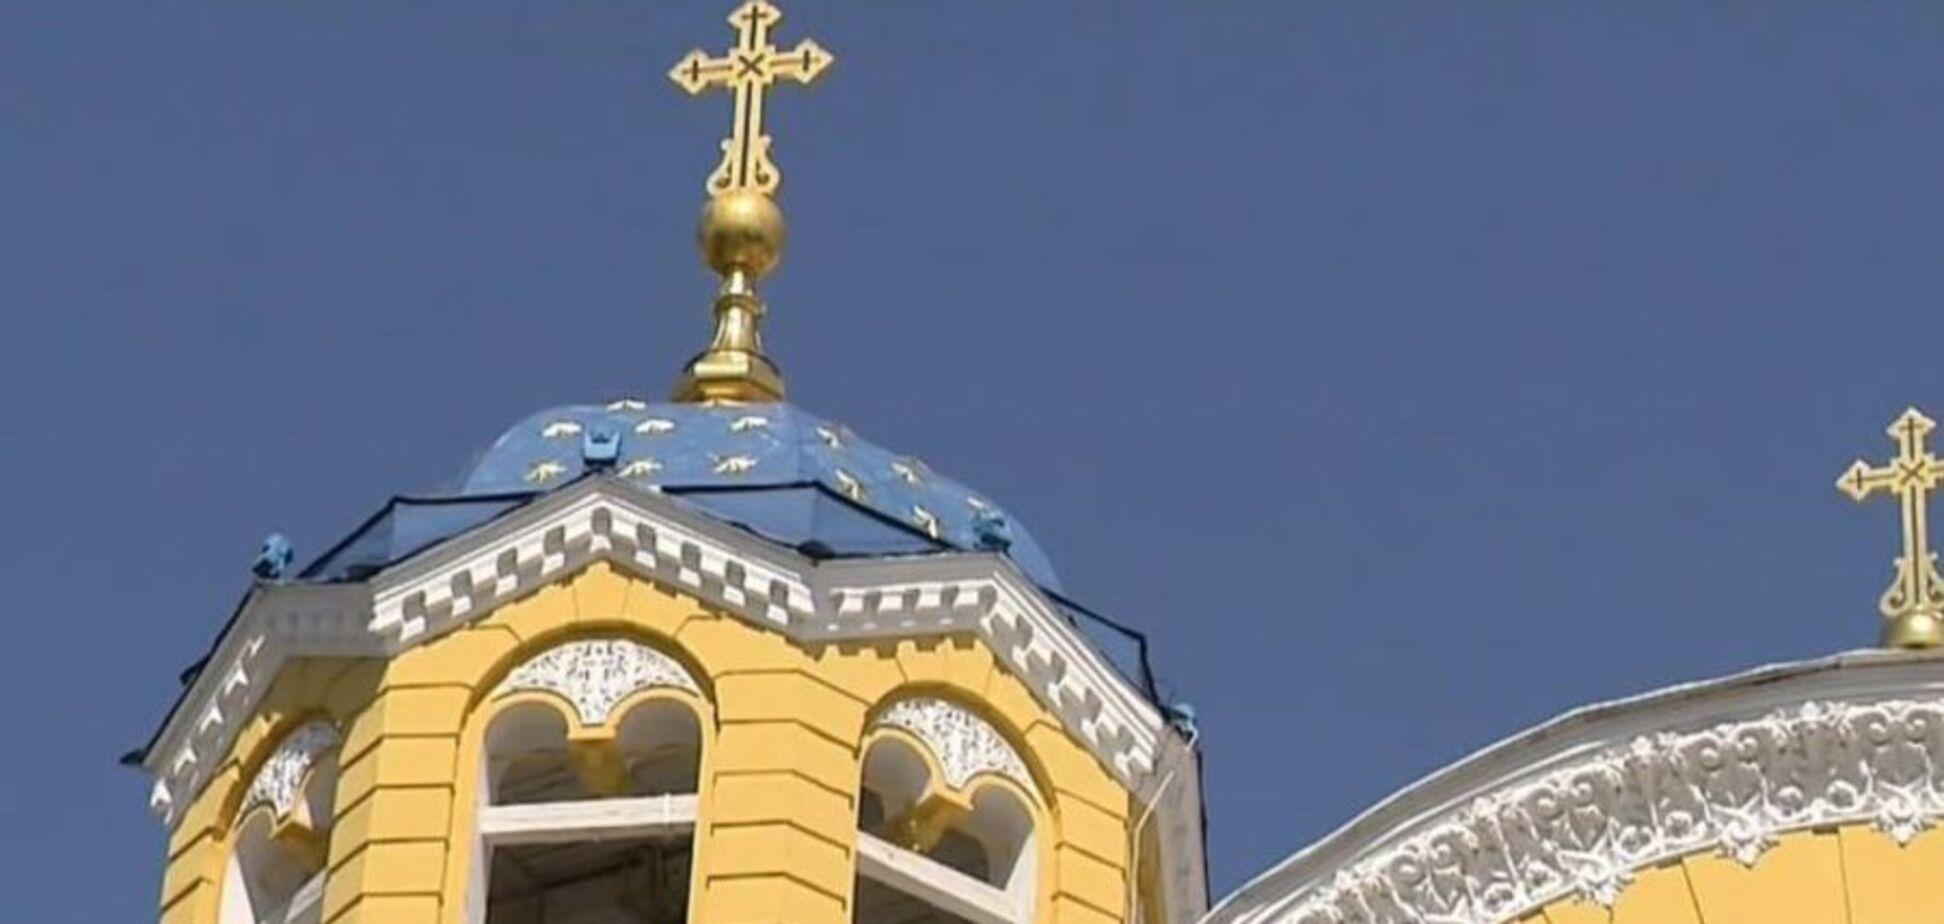 УПЦ МП допомогла Україні отримати Томос: спливли деталі подій 2015 року